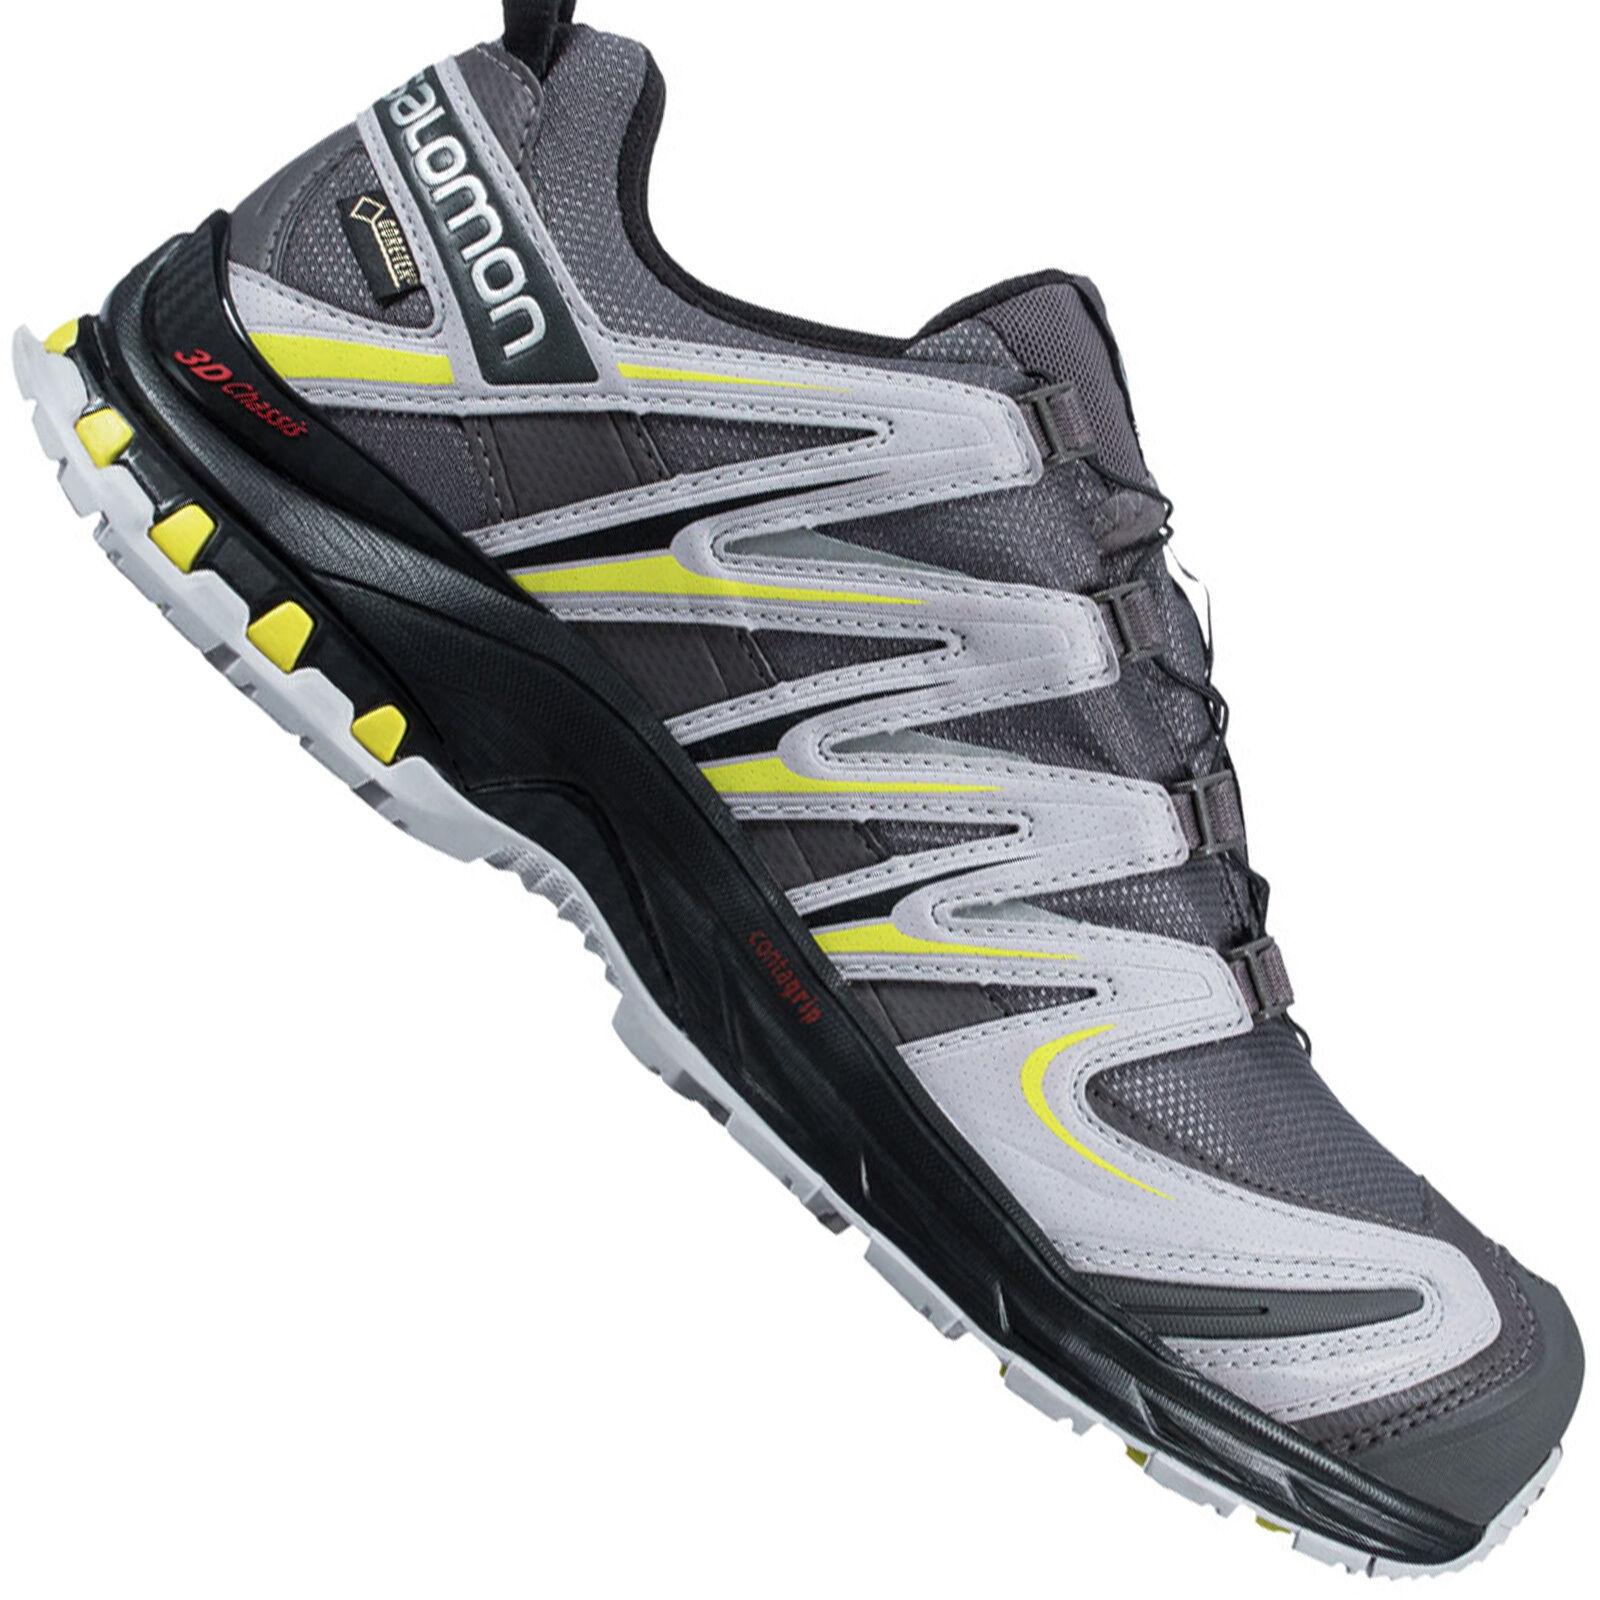 Salomon XA PRO 3D GTX GTX 3D Herren-Laufschuhe Jogging Outdoor-Schuhe wasserdicht NEU 176217